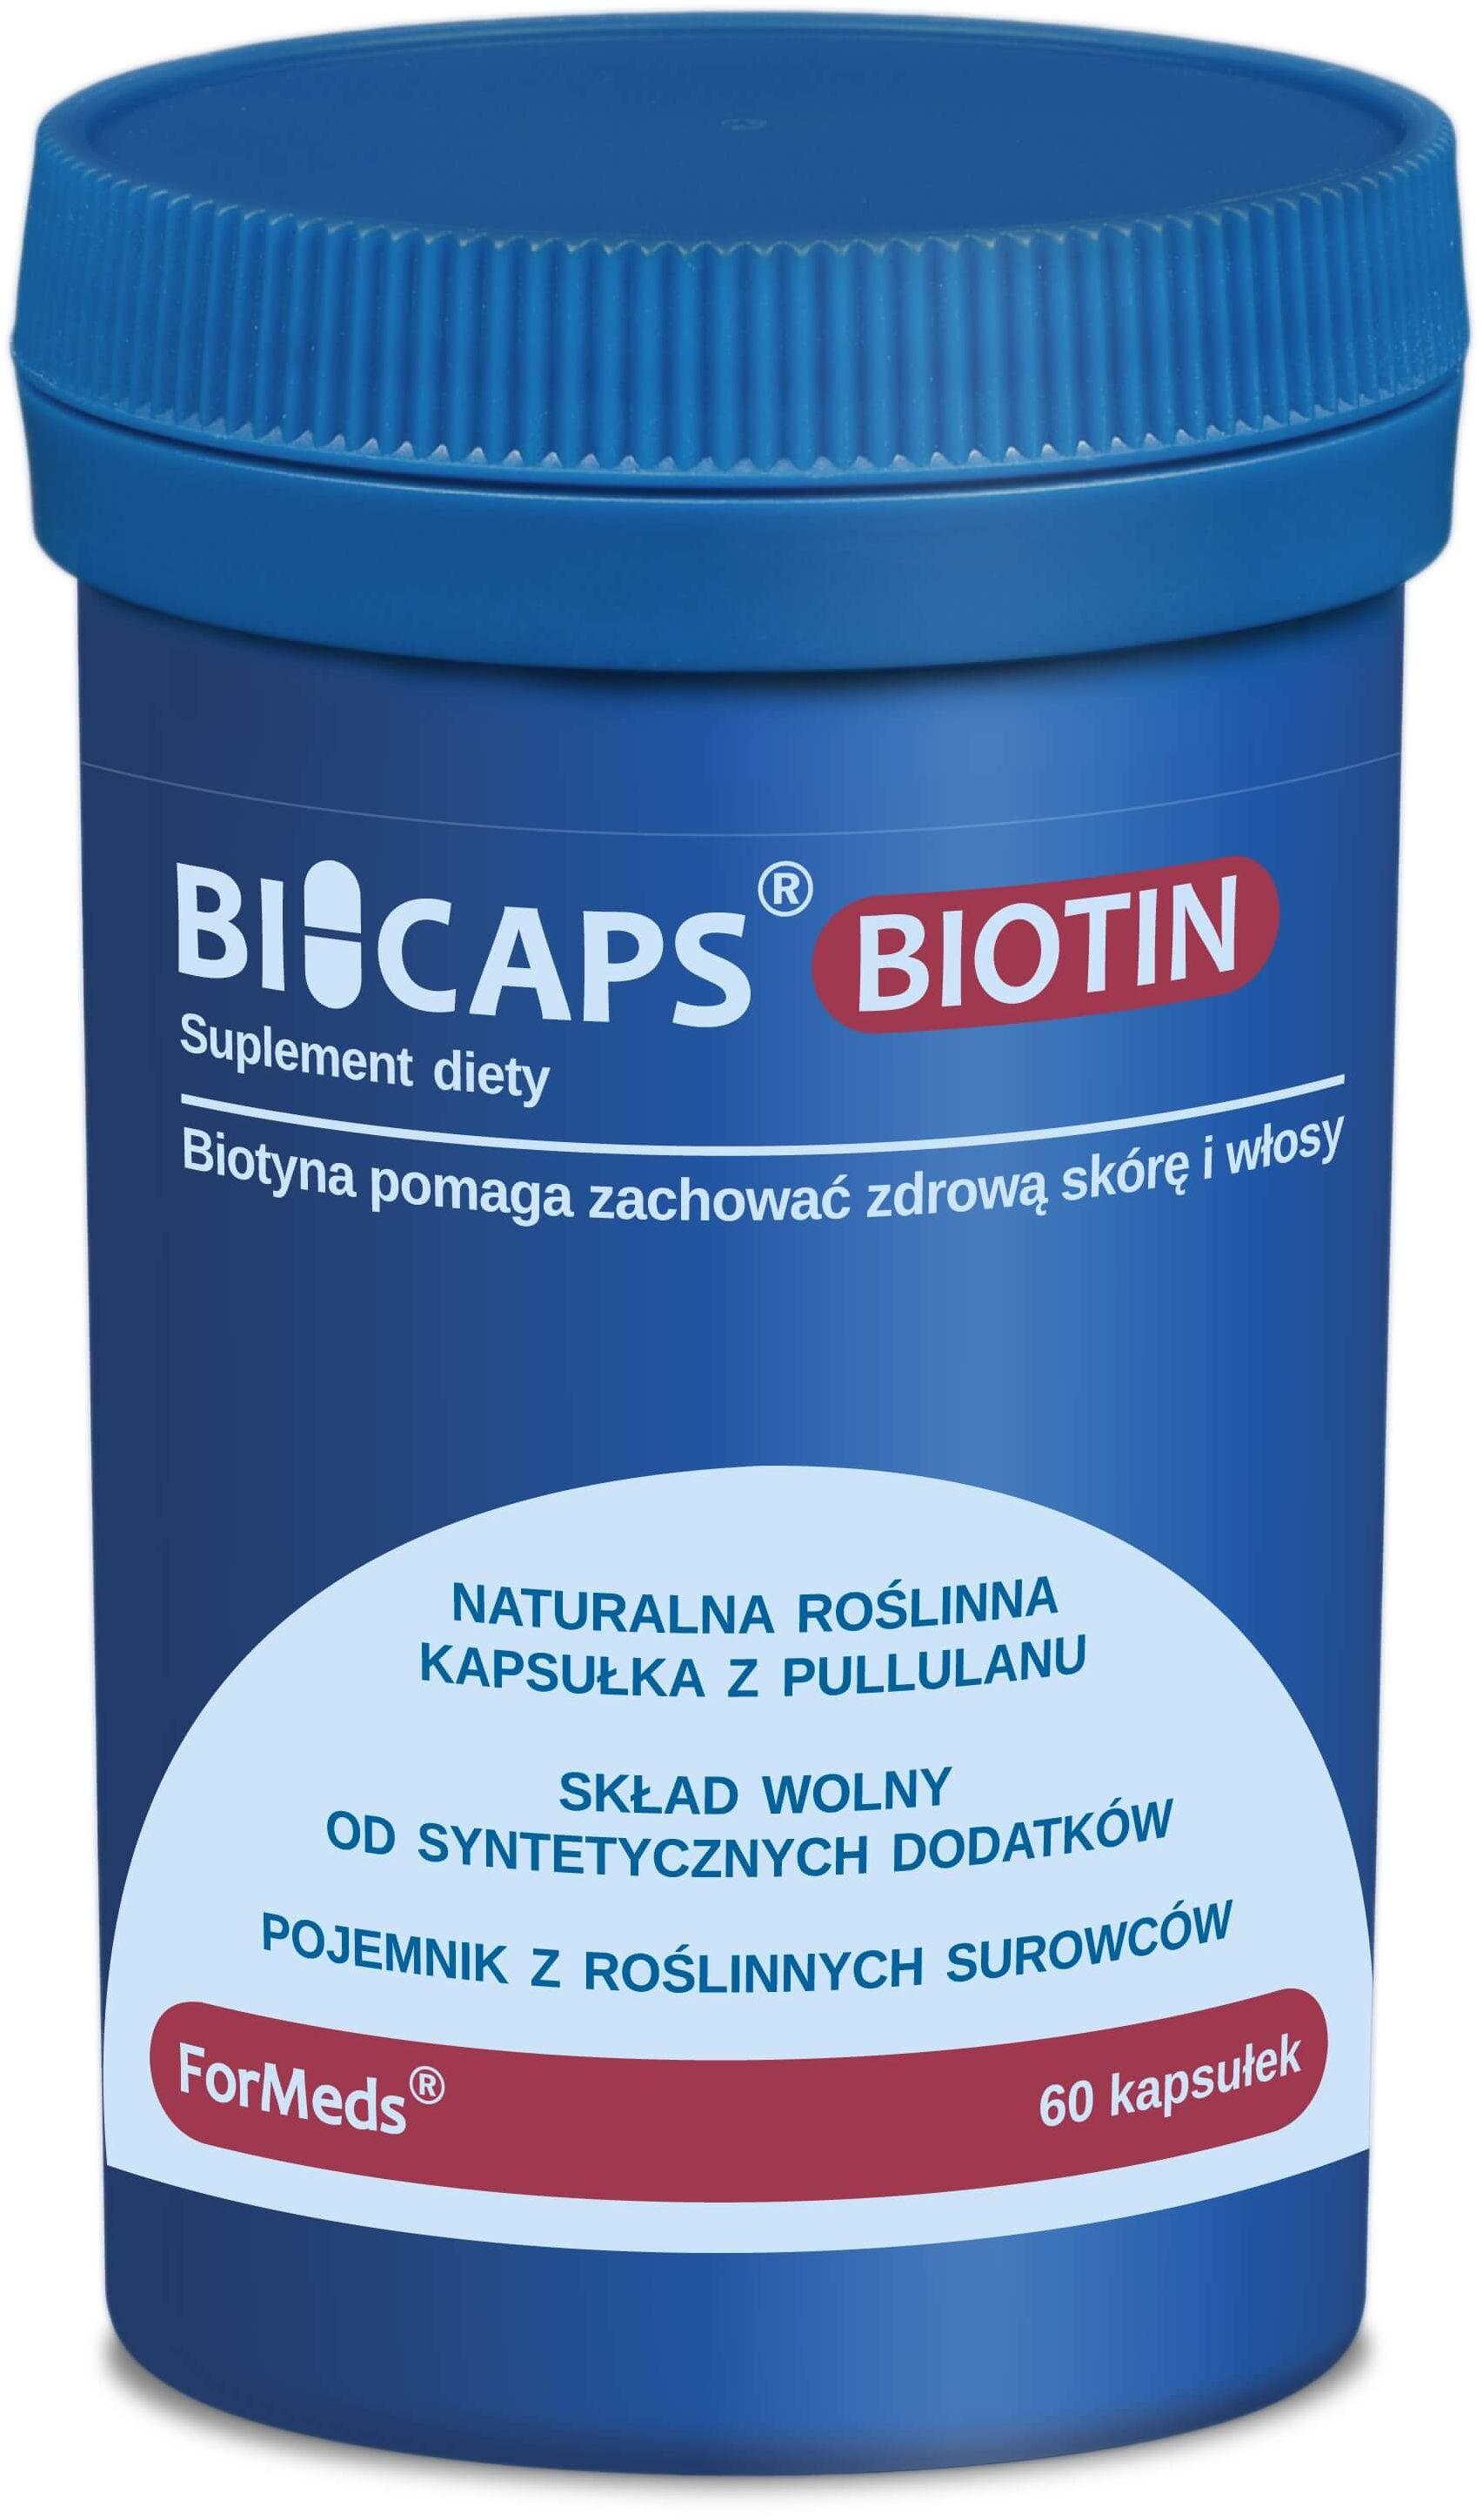 ForMeds Bicaps Biotin (Zdrowa skóra i włosy) 60 Kapsułek roślinnych